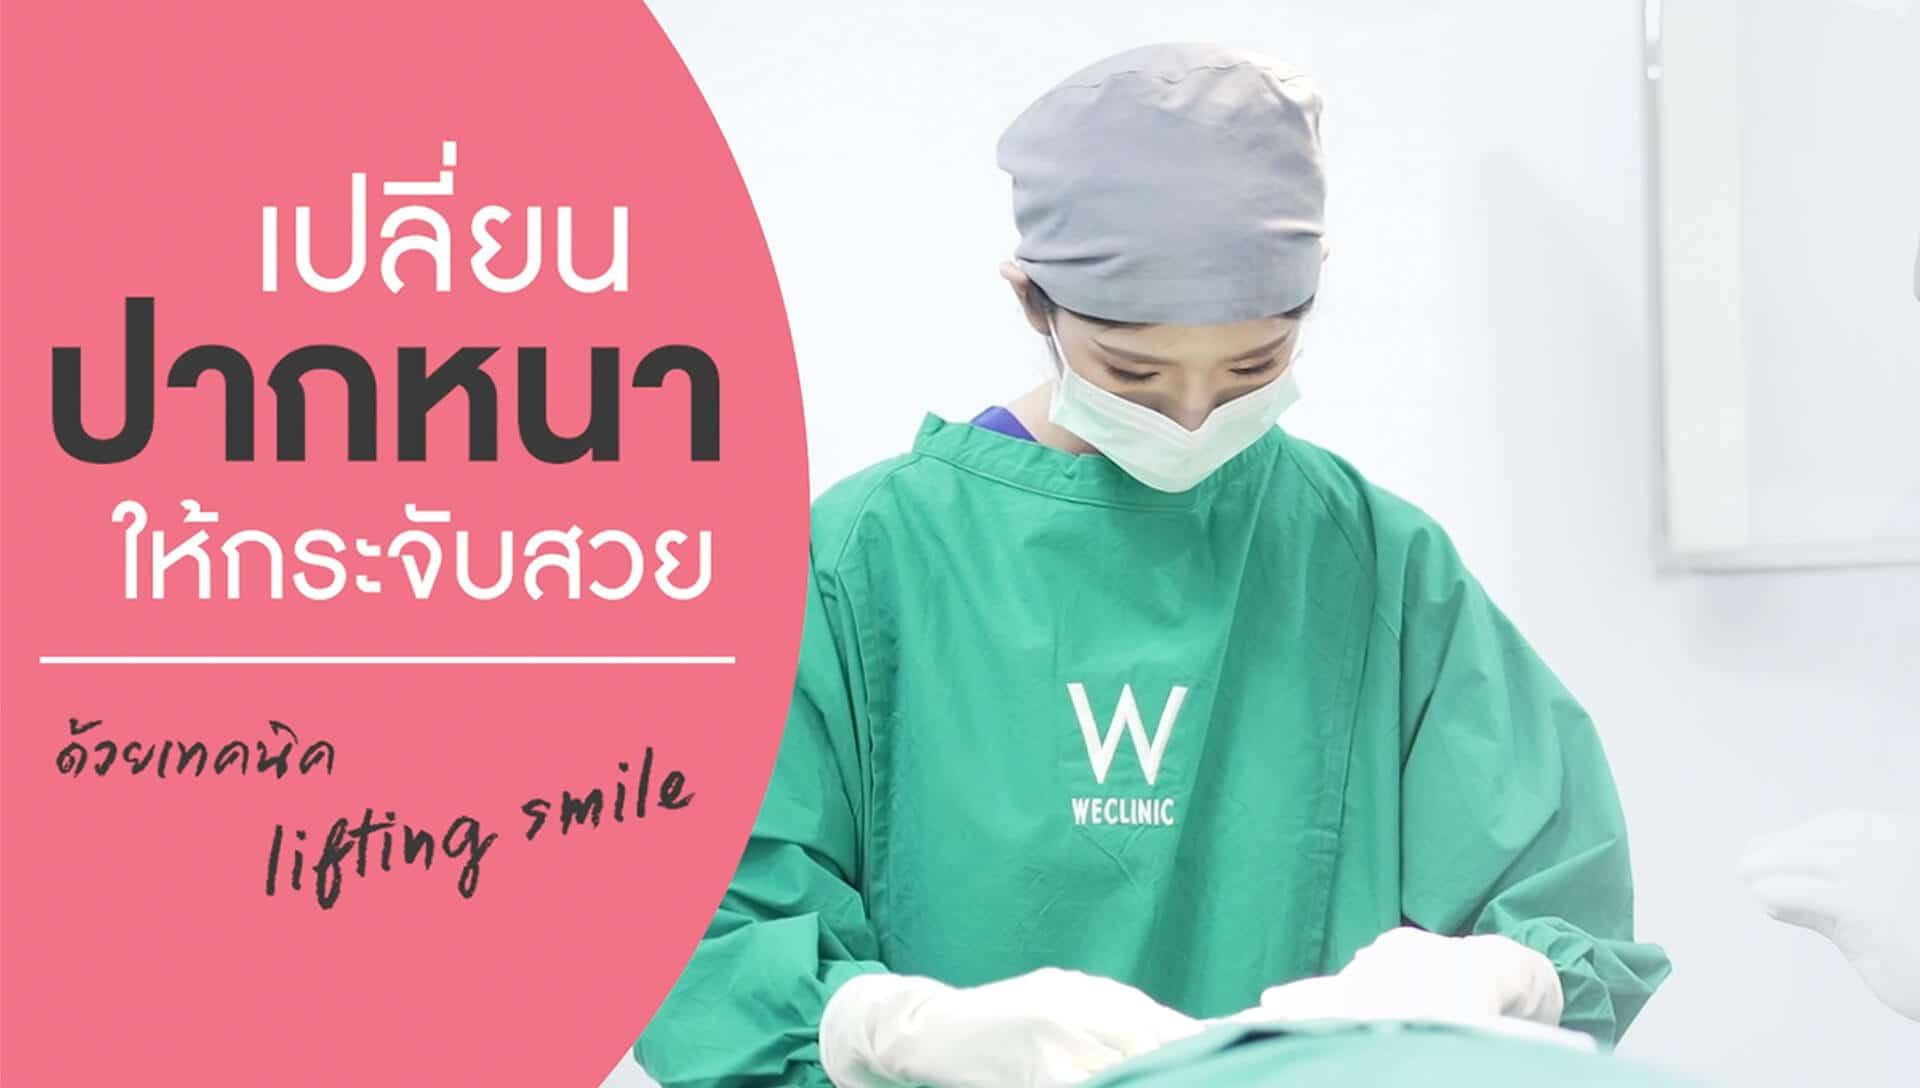 ศัลยกรรม-ปากกระจับ-ปากปีกนก-เทคนิค-lifting-smile